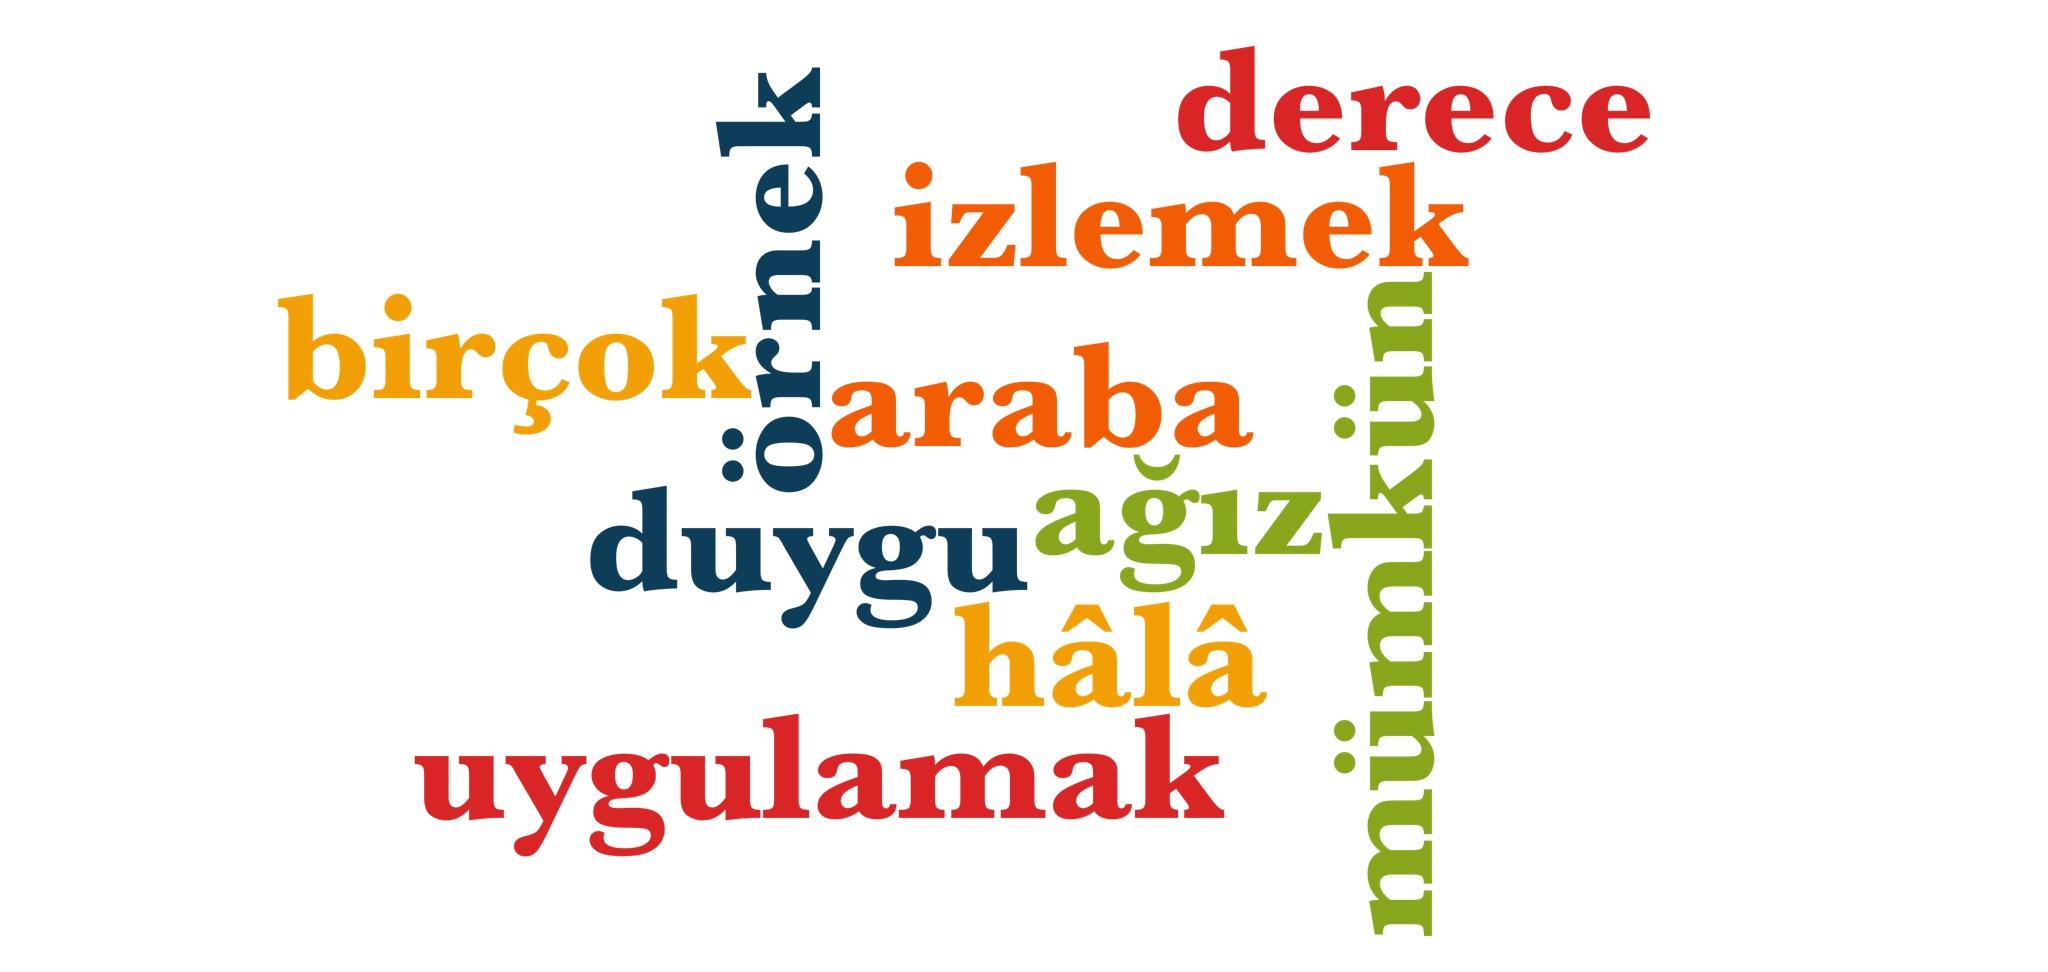 Wörter 351 bis 360 der 1000 häufigsten Wörter der türkischen Sprache